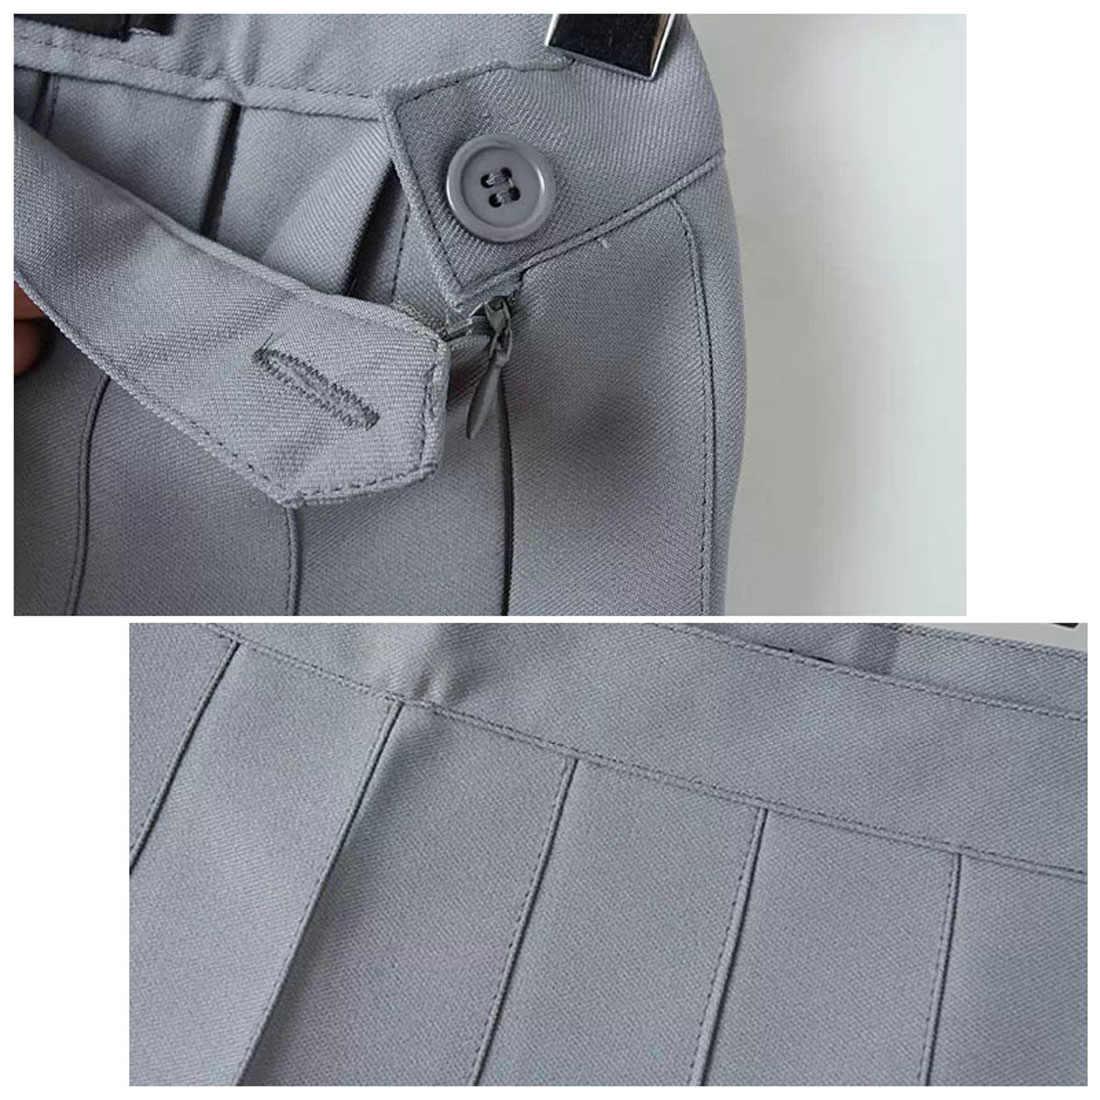 2018 новые весенние плиссированные юбки с высокой талией Harajuku джинсовые юбки однотонная трапециевидная Матросская юбка больших размеров японская школьная форма